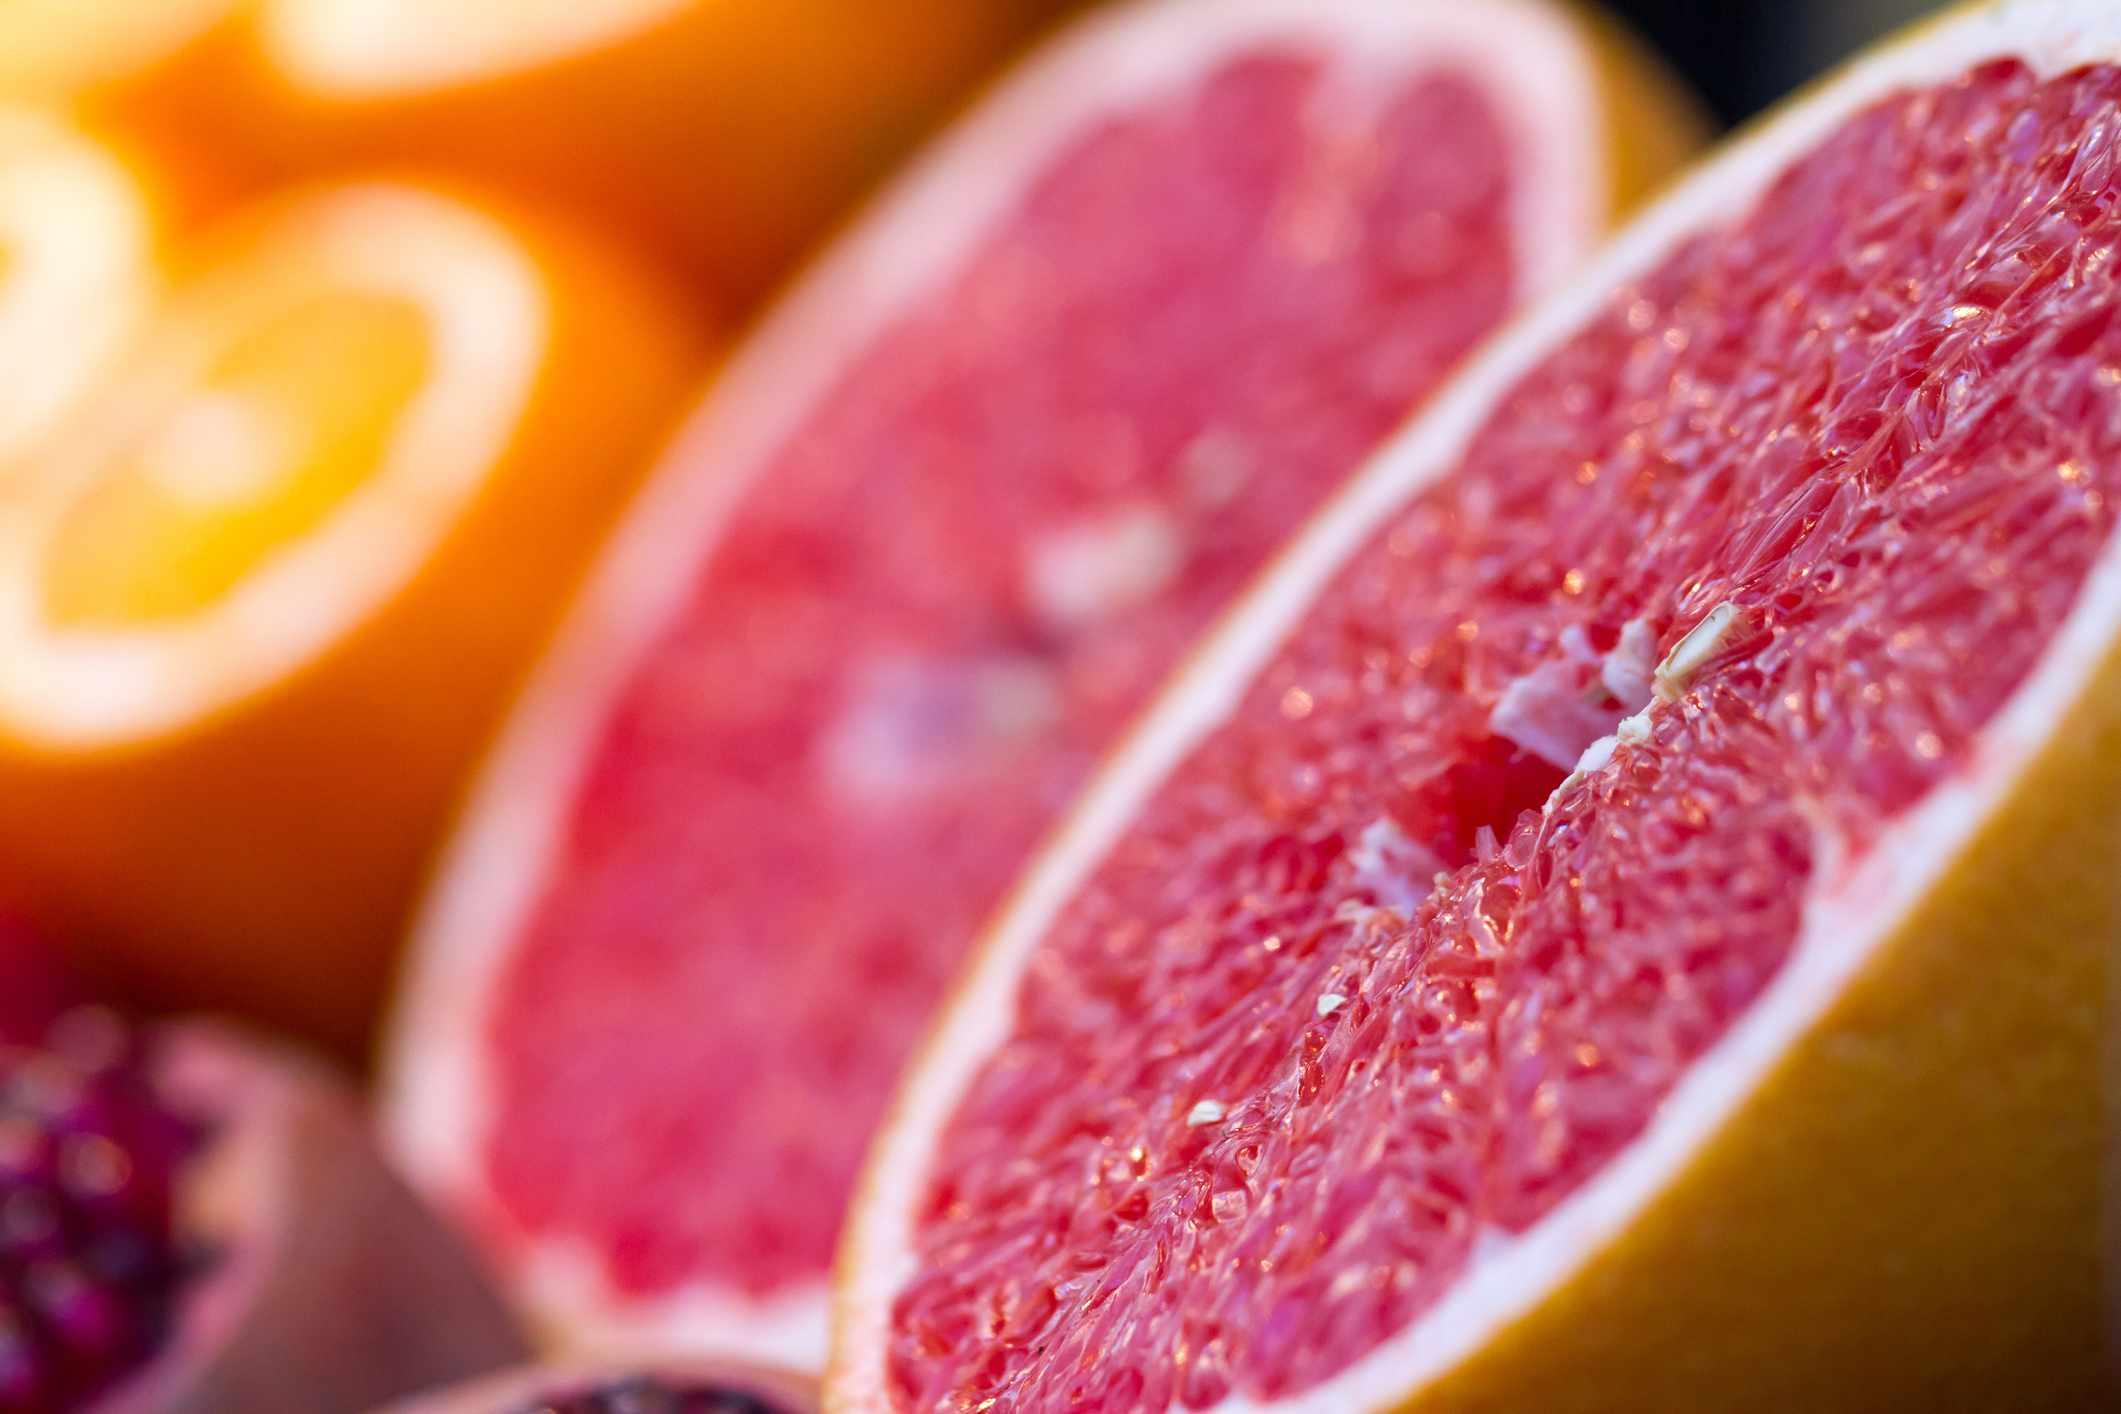 A grapefruit cut in half